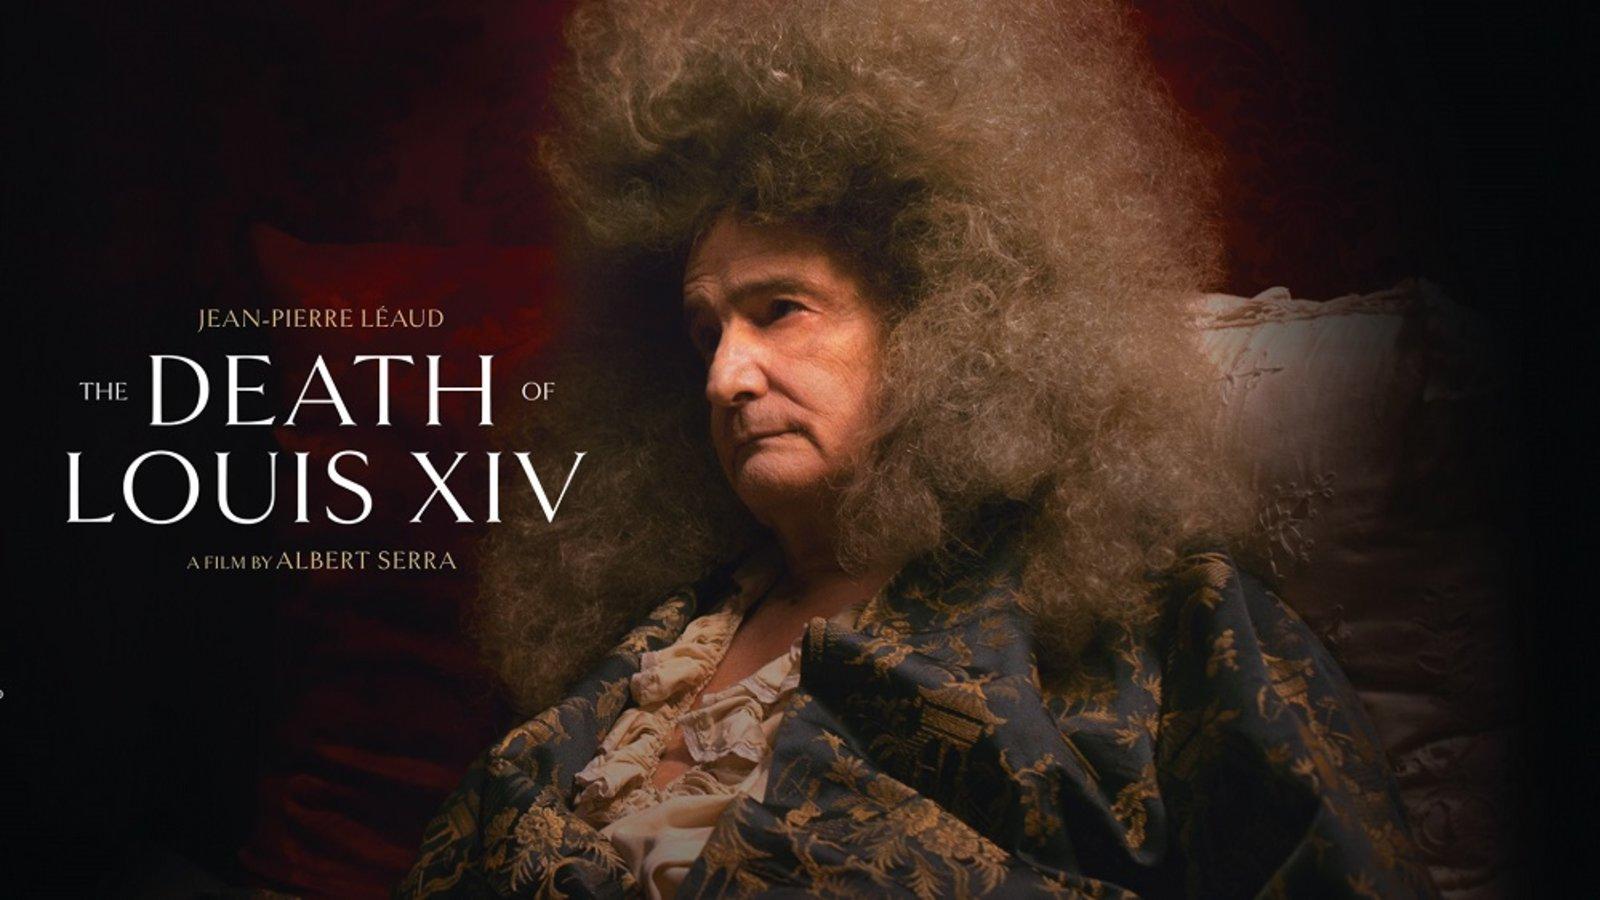 The Death of Louis XIV - La Mort de Louis XIV